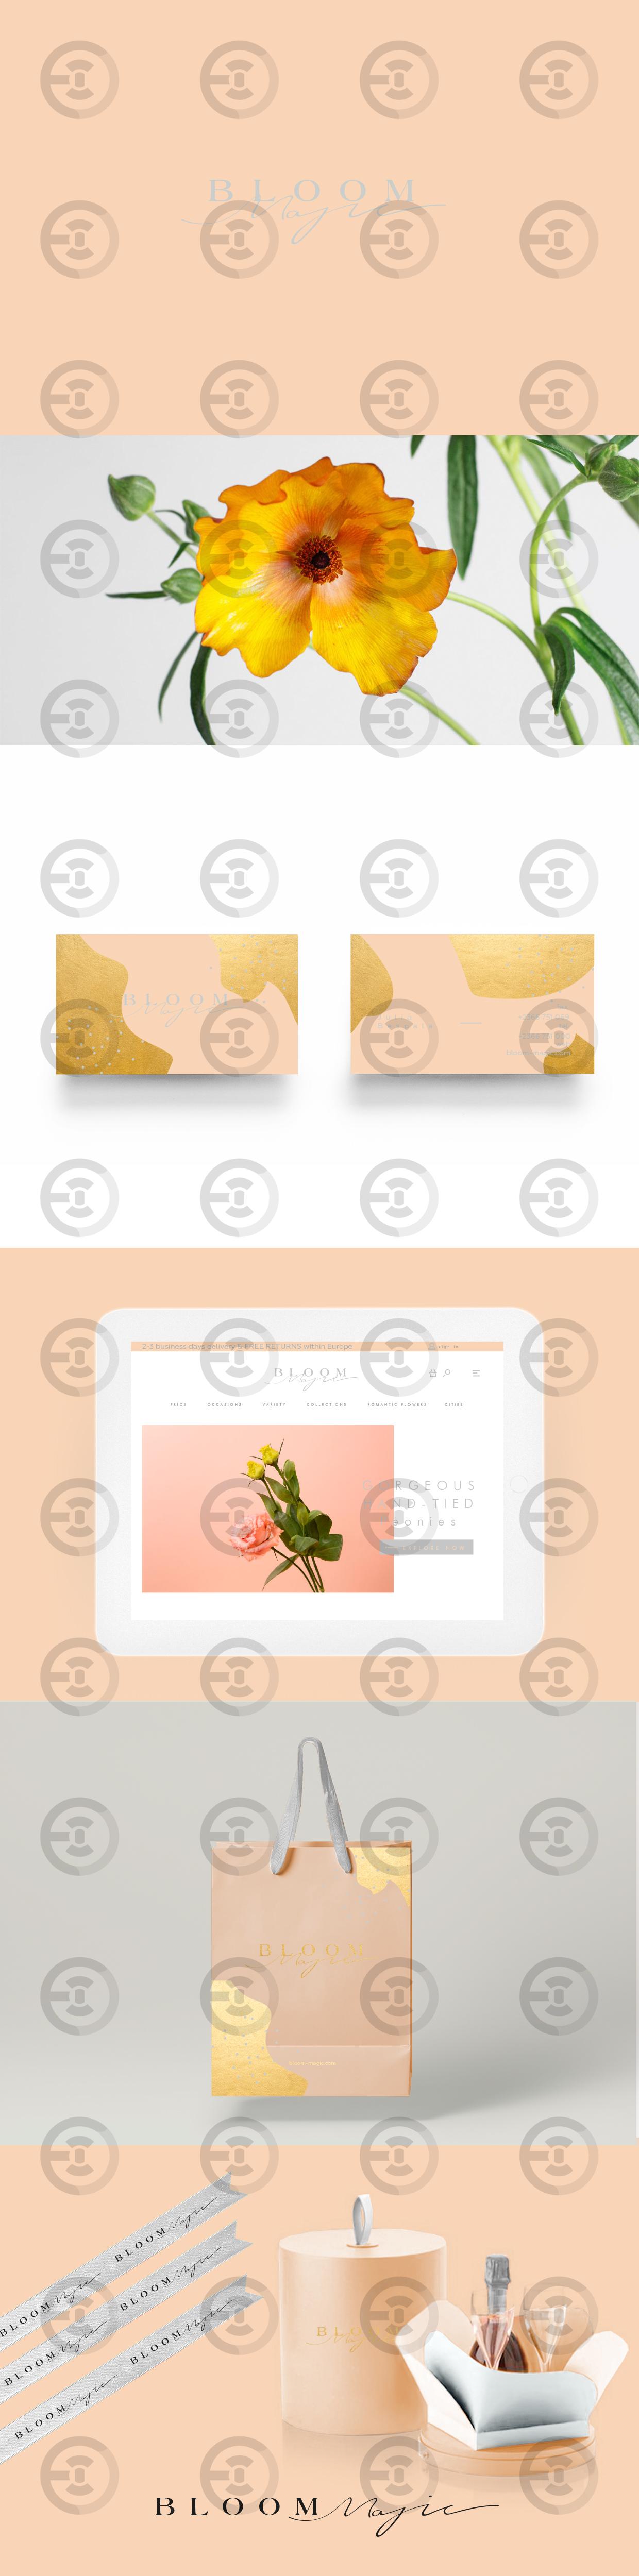 Bloom-04.jpg